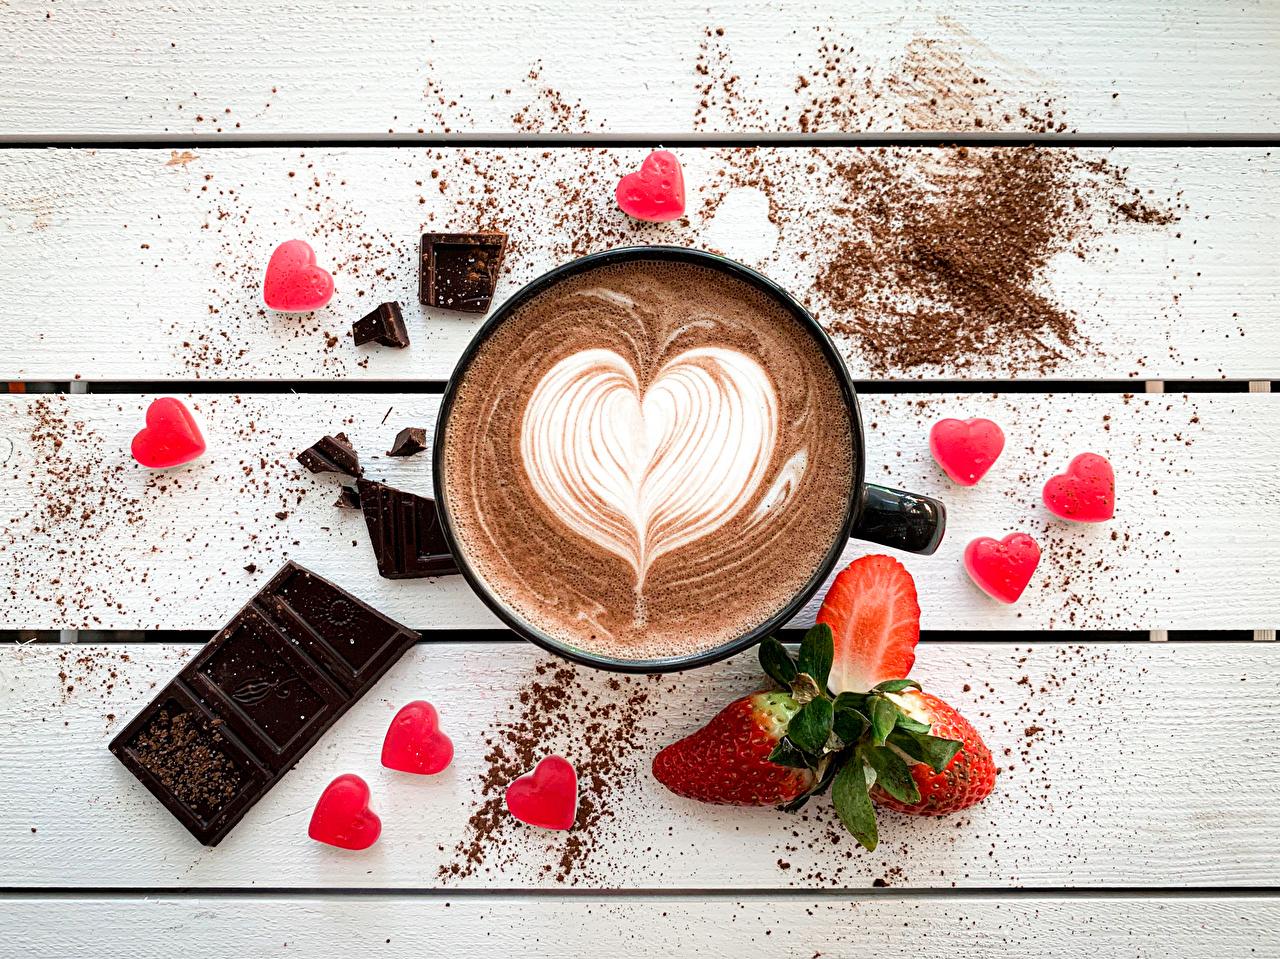 Обои для рабочего стола сердца Шоколад Кофе Клубника Ягоды Кружка Продукты питания Доски серце Сердце сердечко Еда Пища кружки кружке